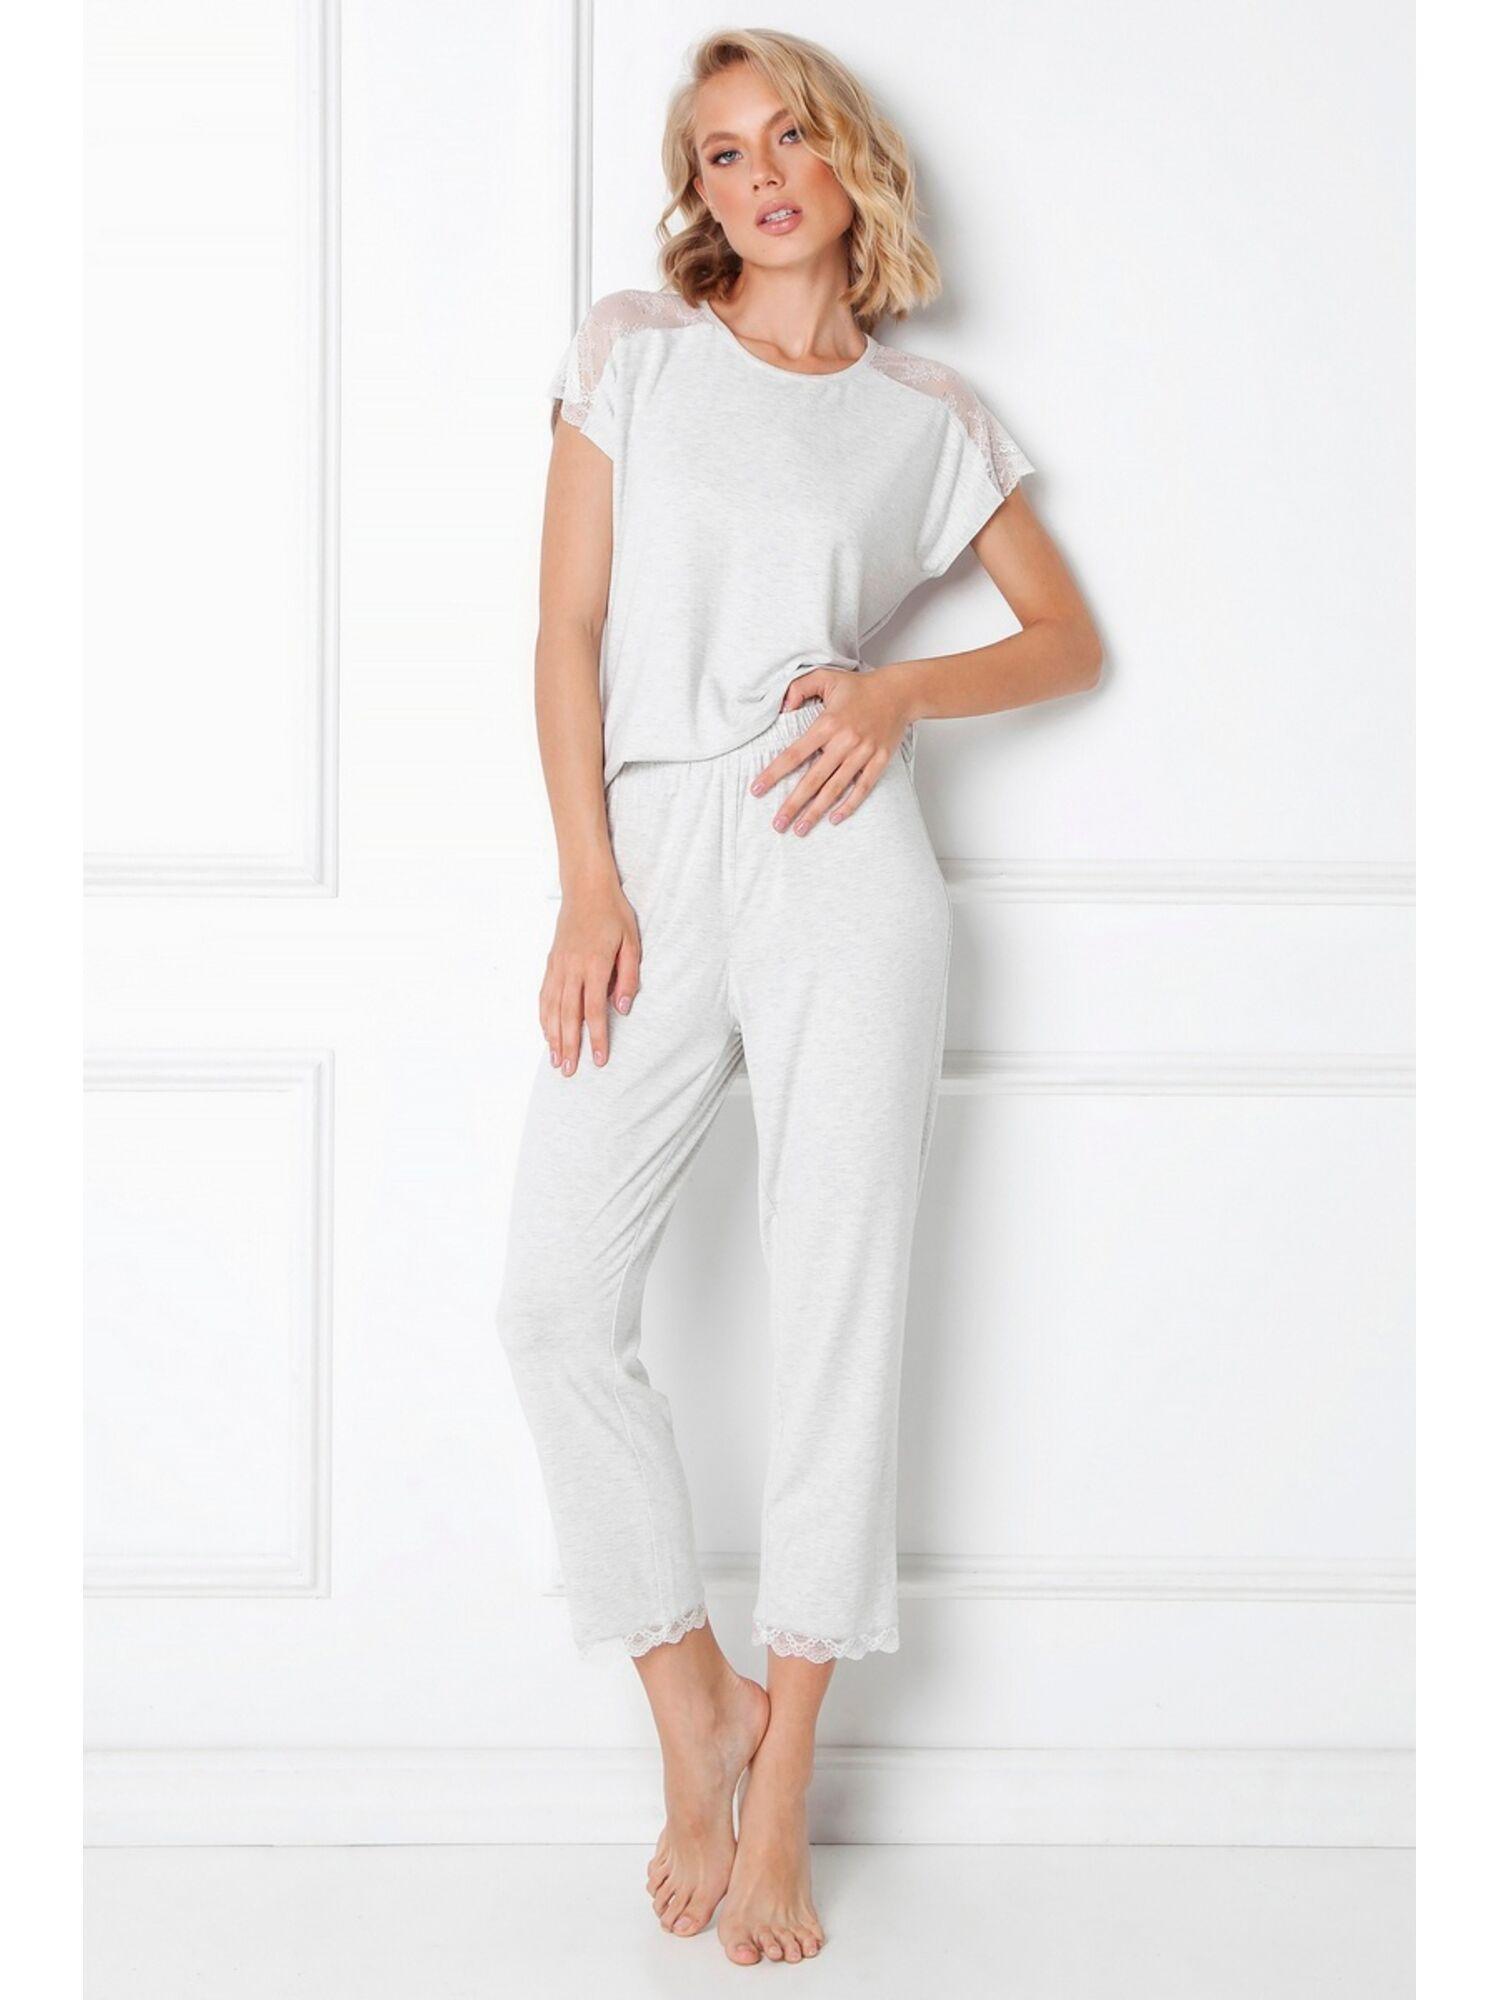 Комплект женский со штанами CATHLEEN, серый, ARUELLE